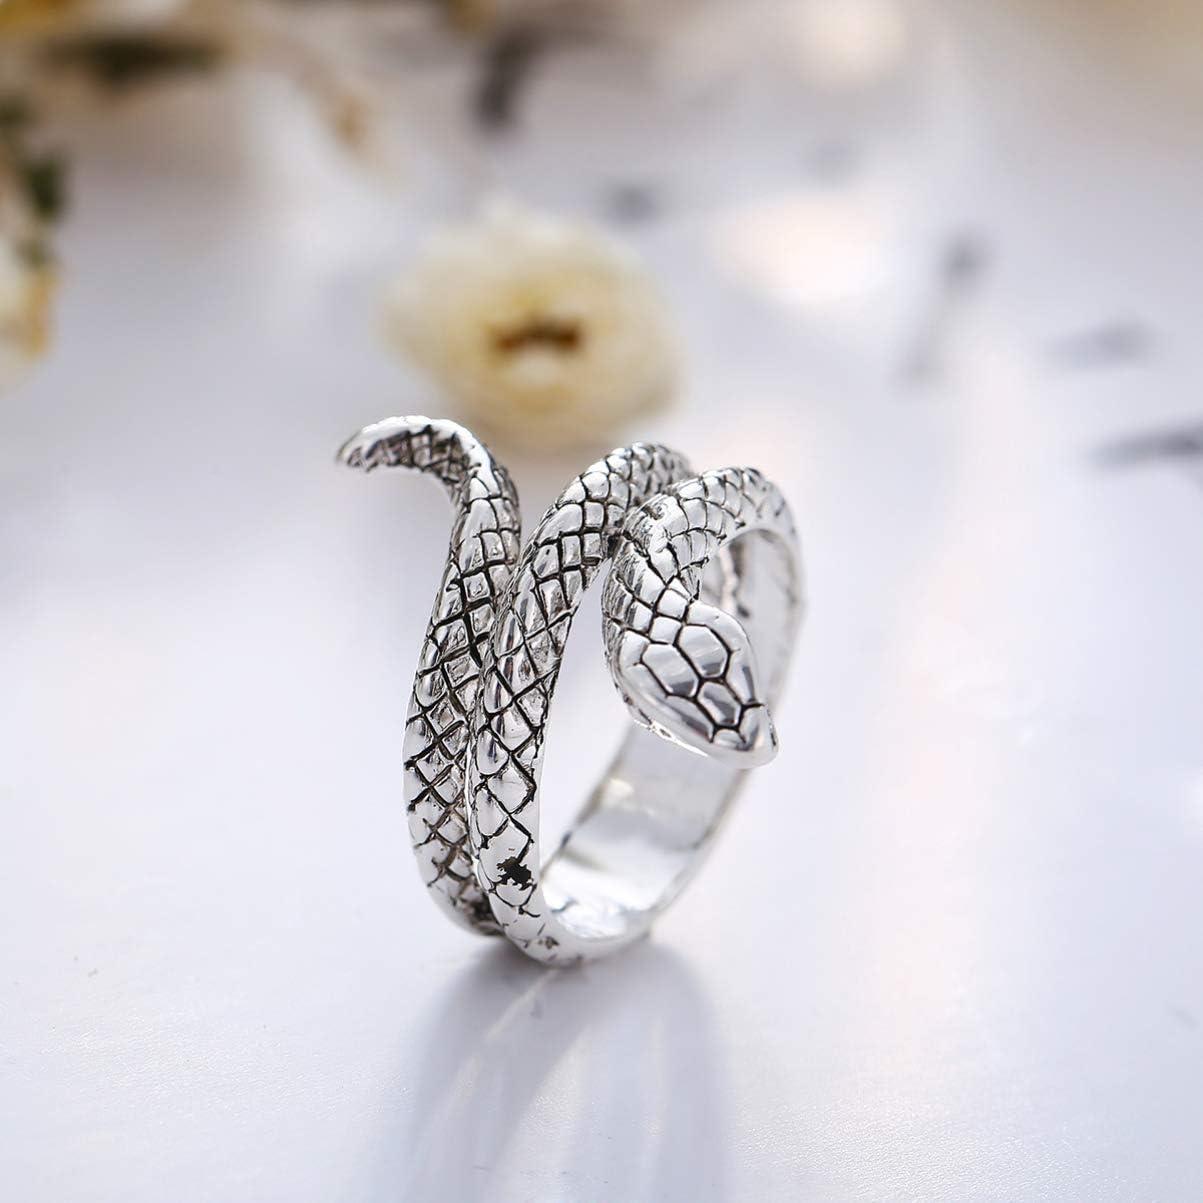 N. /° 9 Happyyami Anillos de Serpiente Anillos de Animales de Moda Anillos de Joyer/ía Vintage Ajustables para Hombres Mujeres